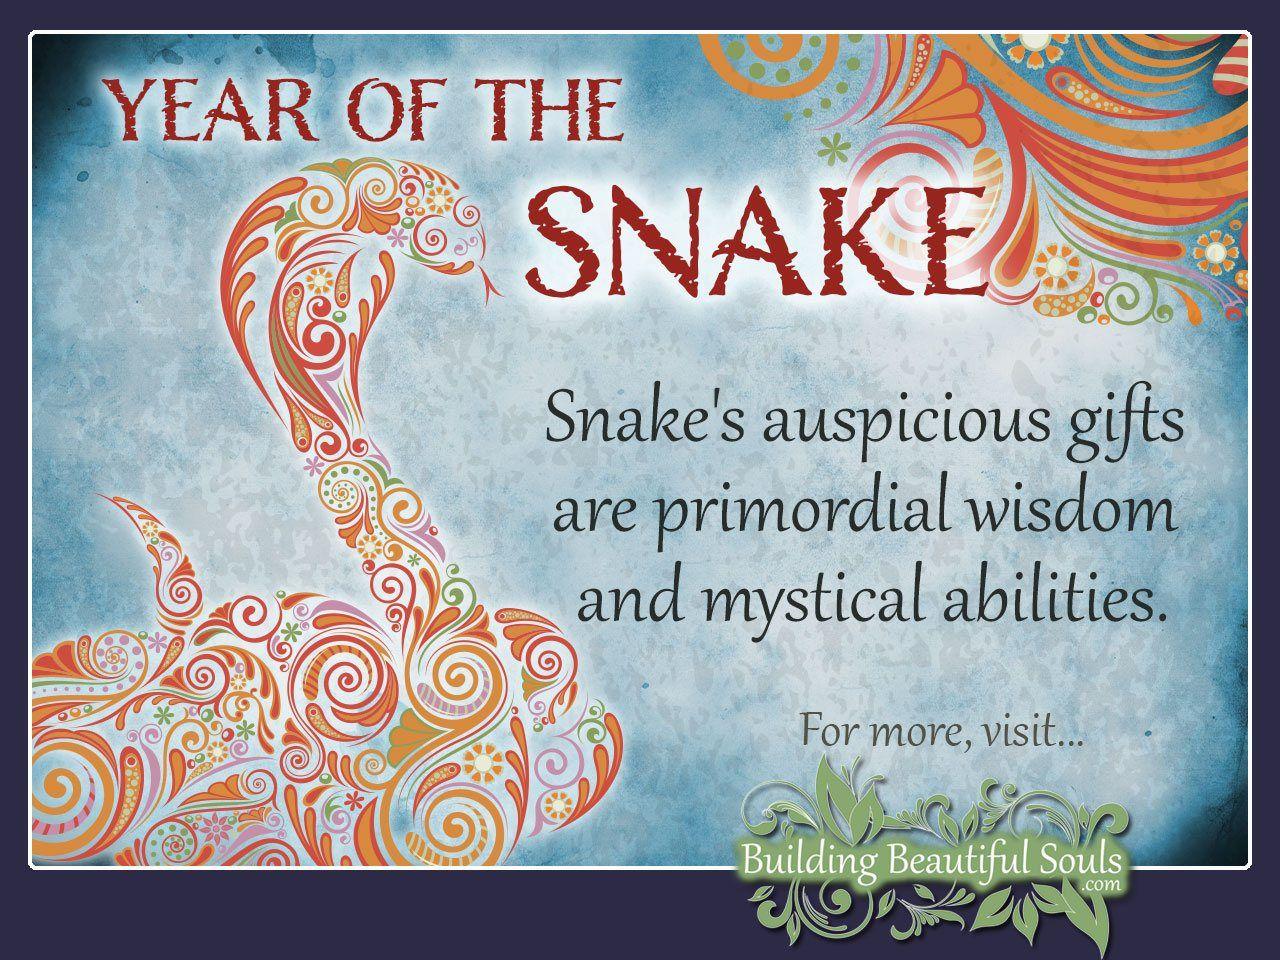 Chinese Zodiac Snake Year Of The Snake Chinese Zodiac Chinese Zodiac Snake Year Of The Snake Snake Zodiac